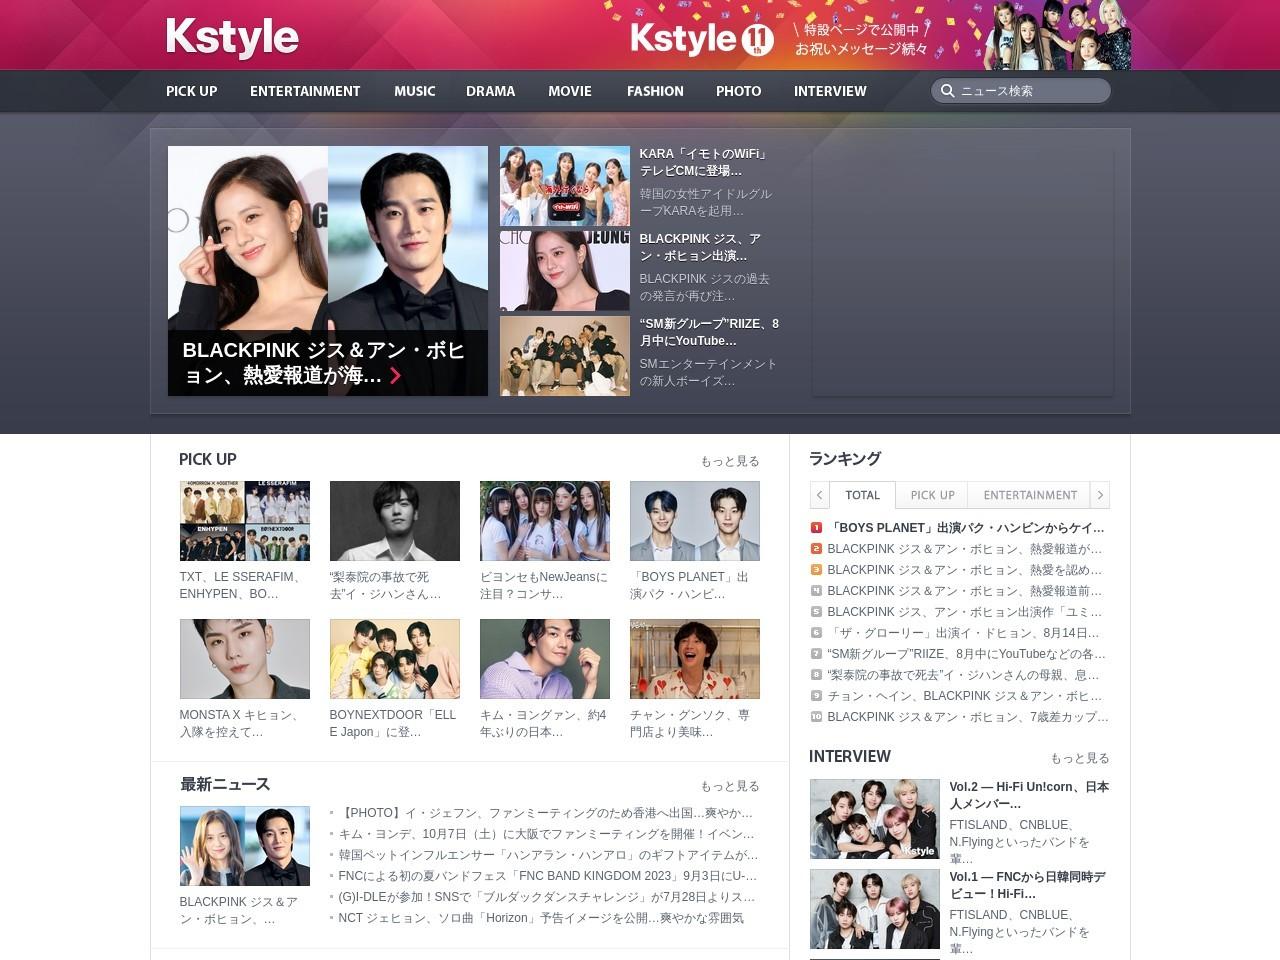 驚異の記録!Wanna One カン・ダニエル「ファン投票」で10週連続1位に